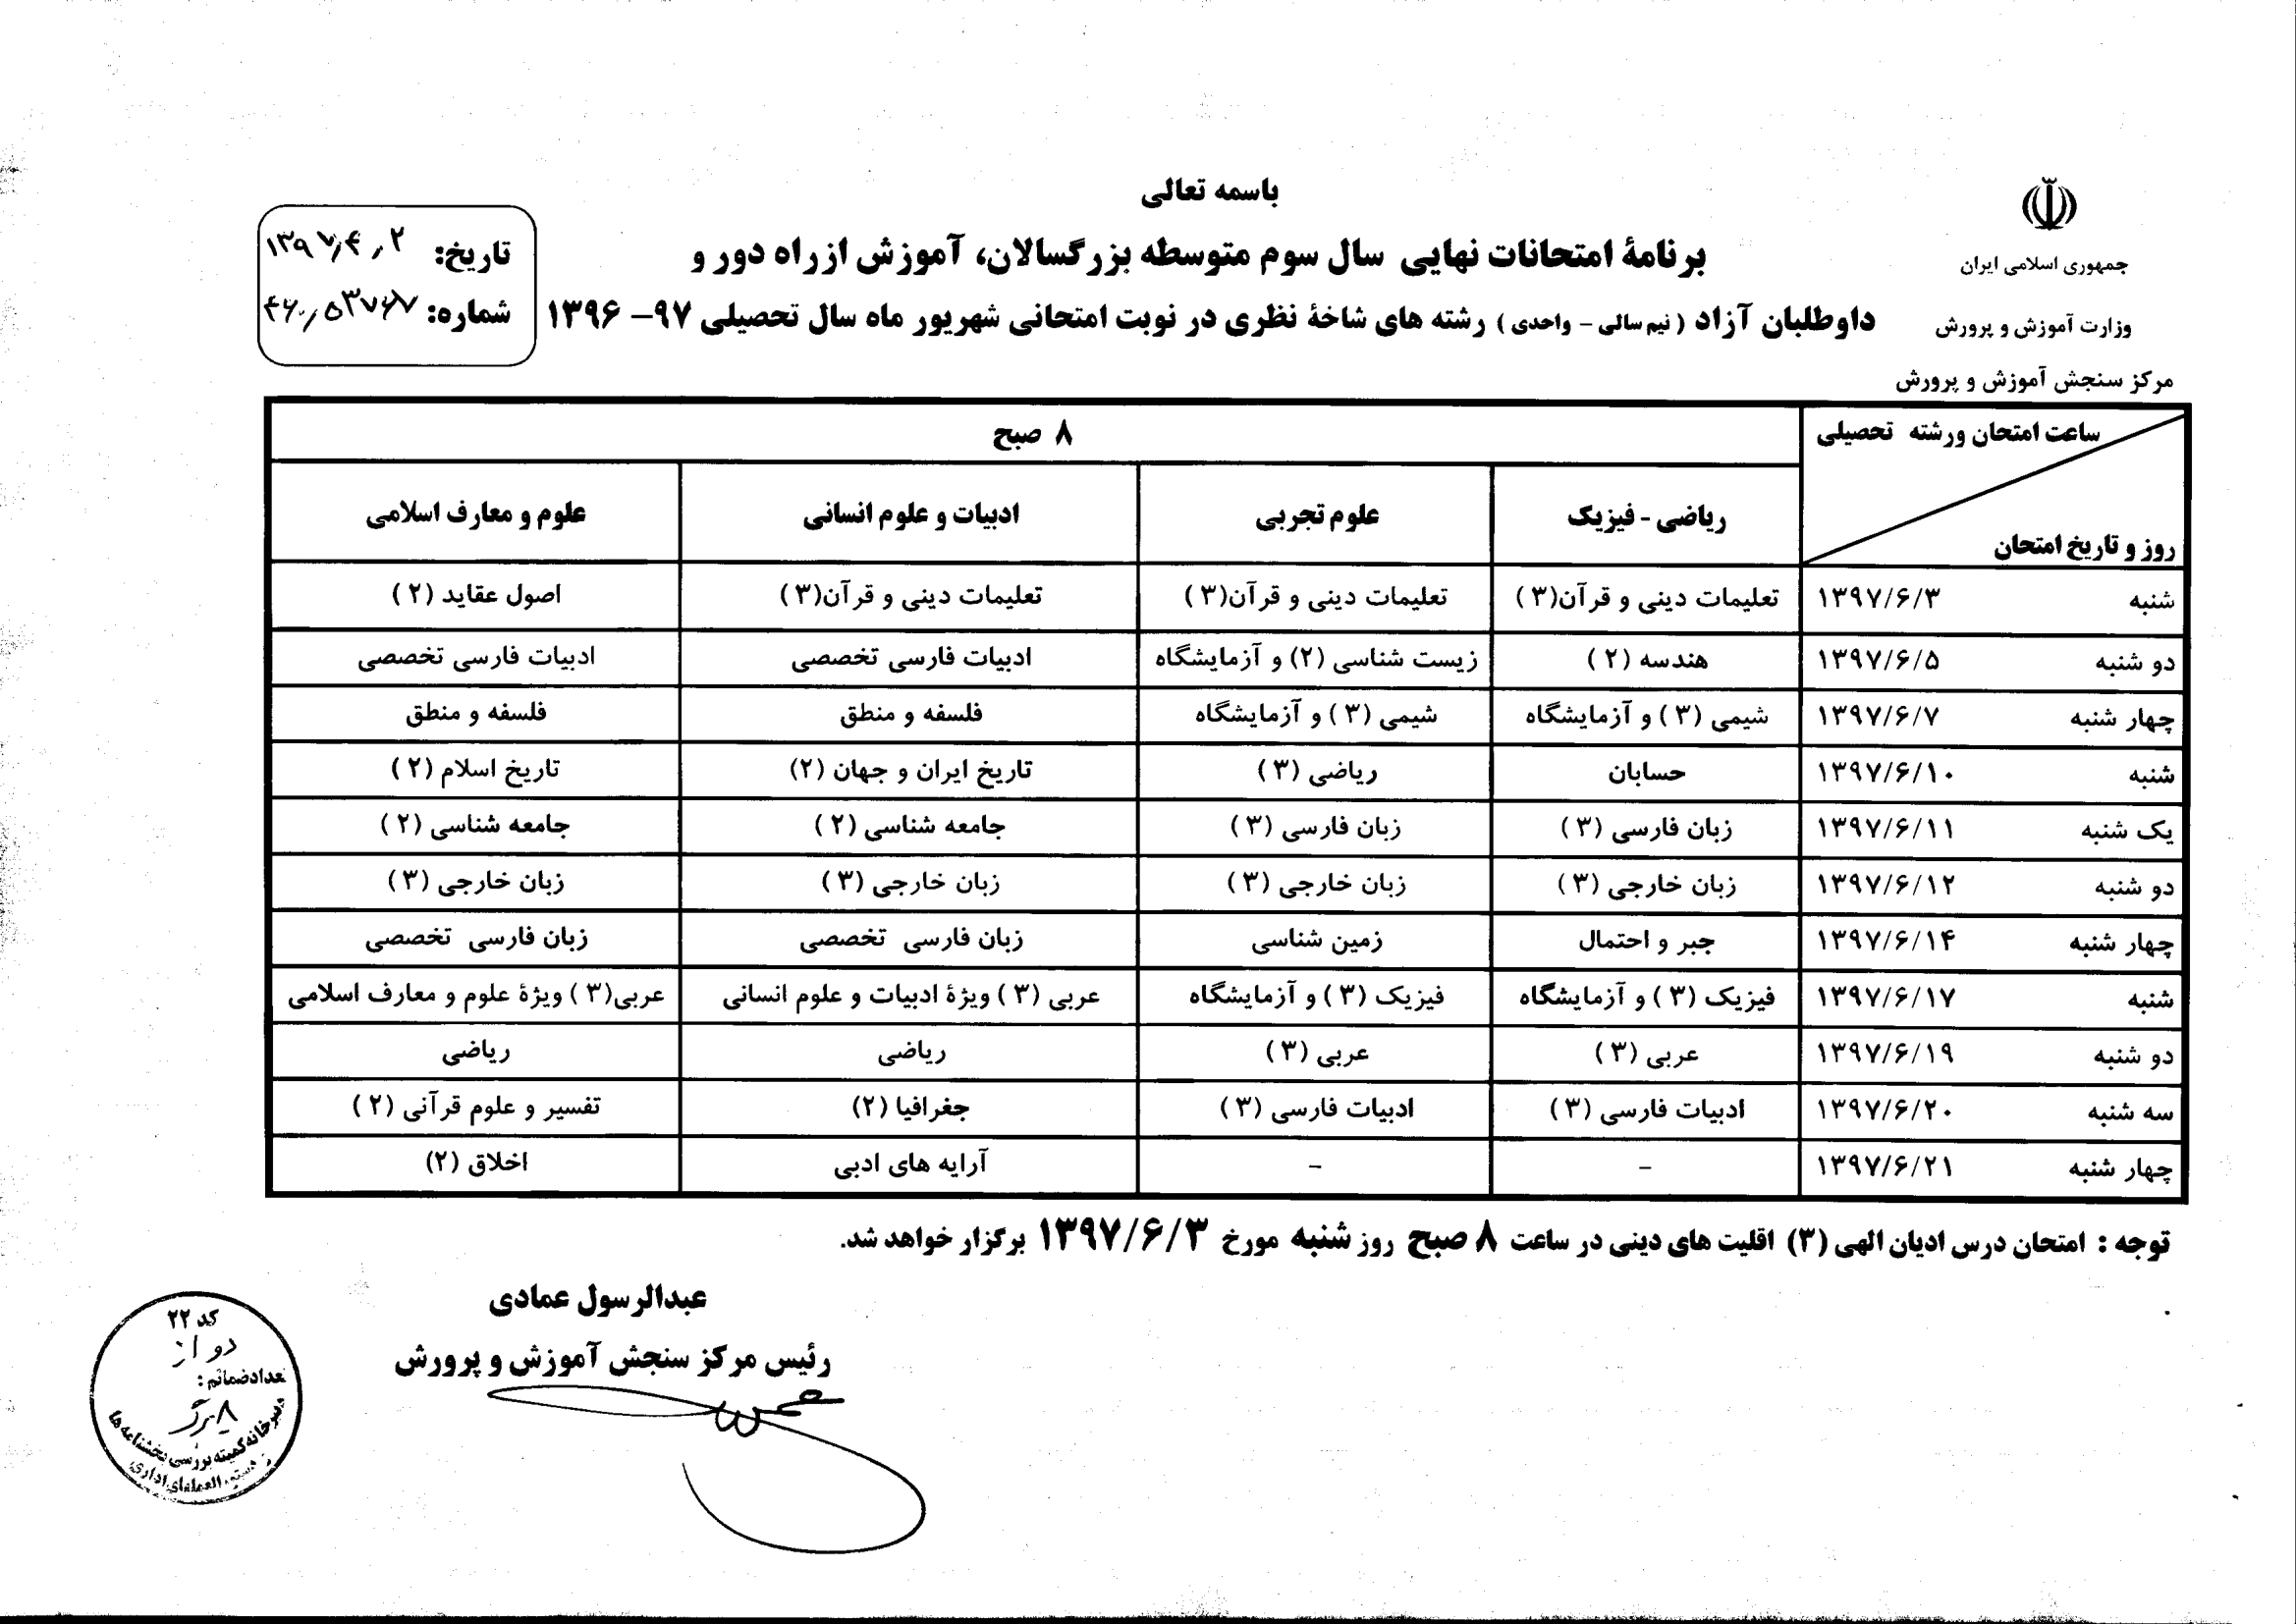 برنامه امتحانات نهایی سال سوم و پیش دانشگاهی شهریور 97